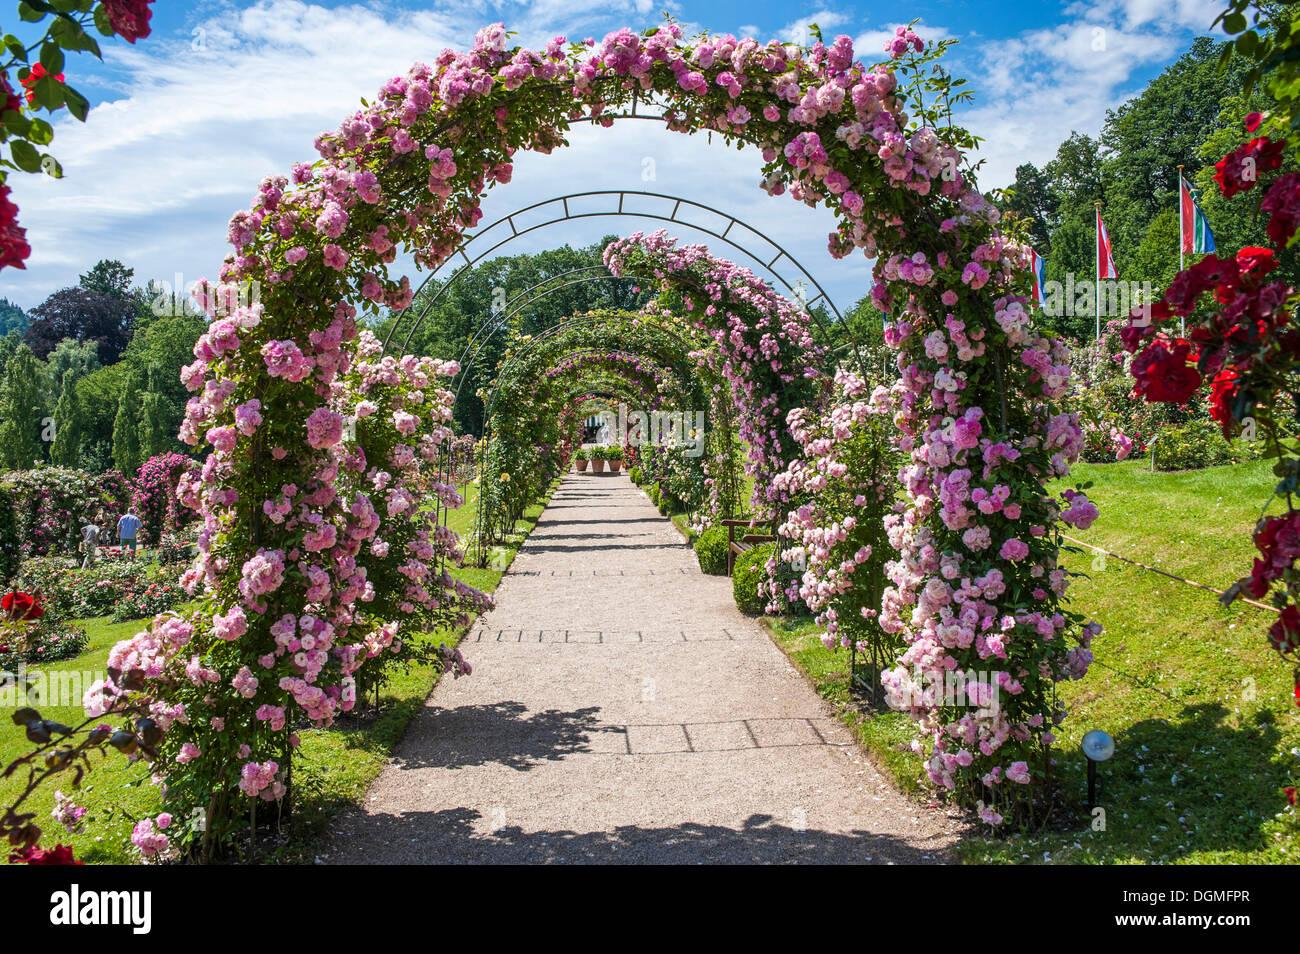 rose arches   rose garden rosenneuheitengarten